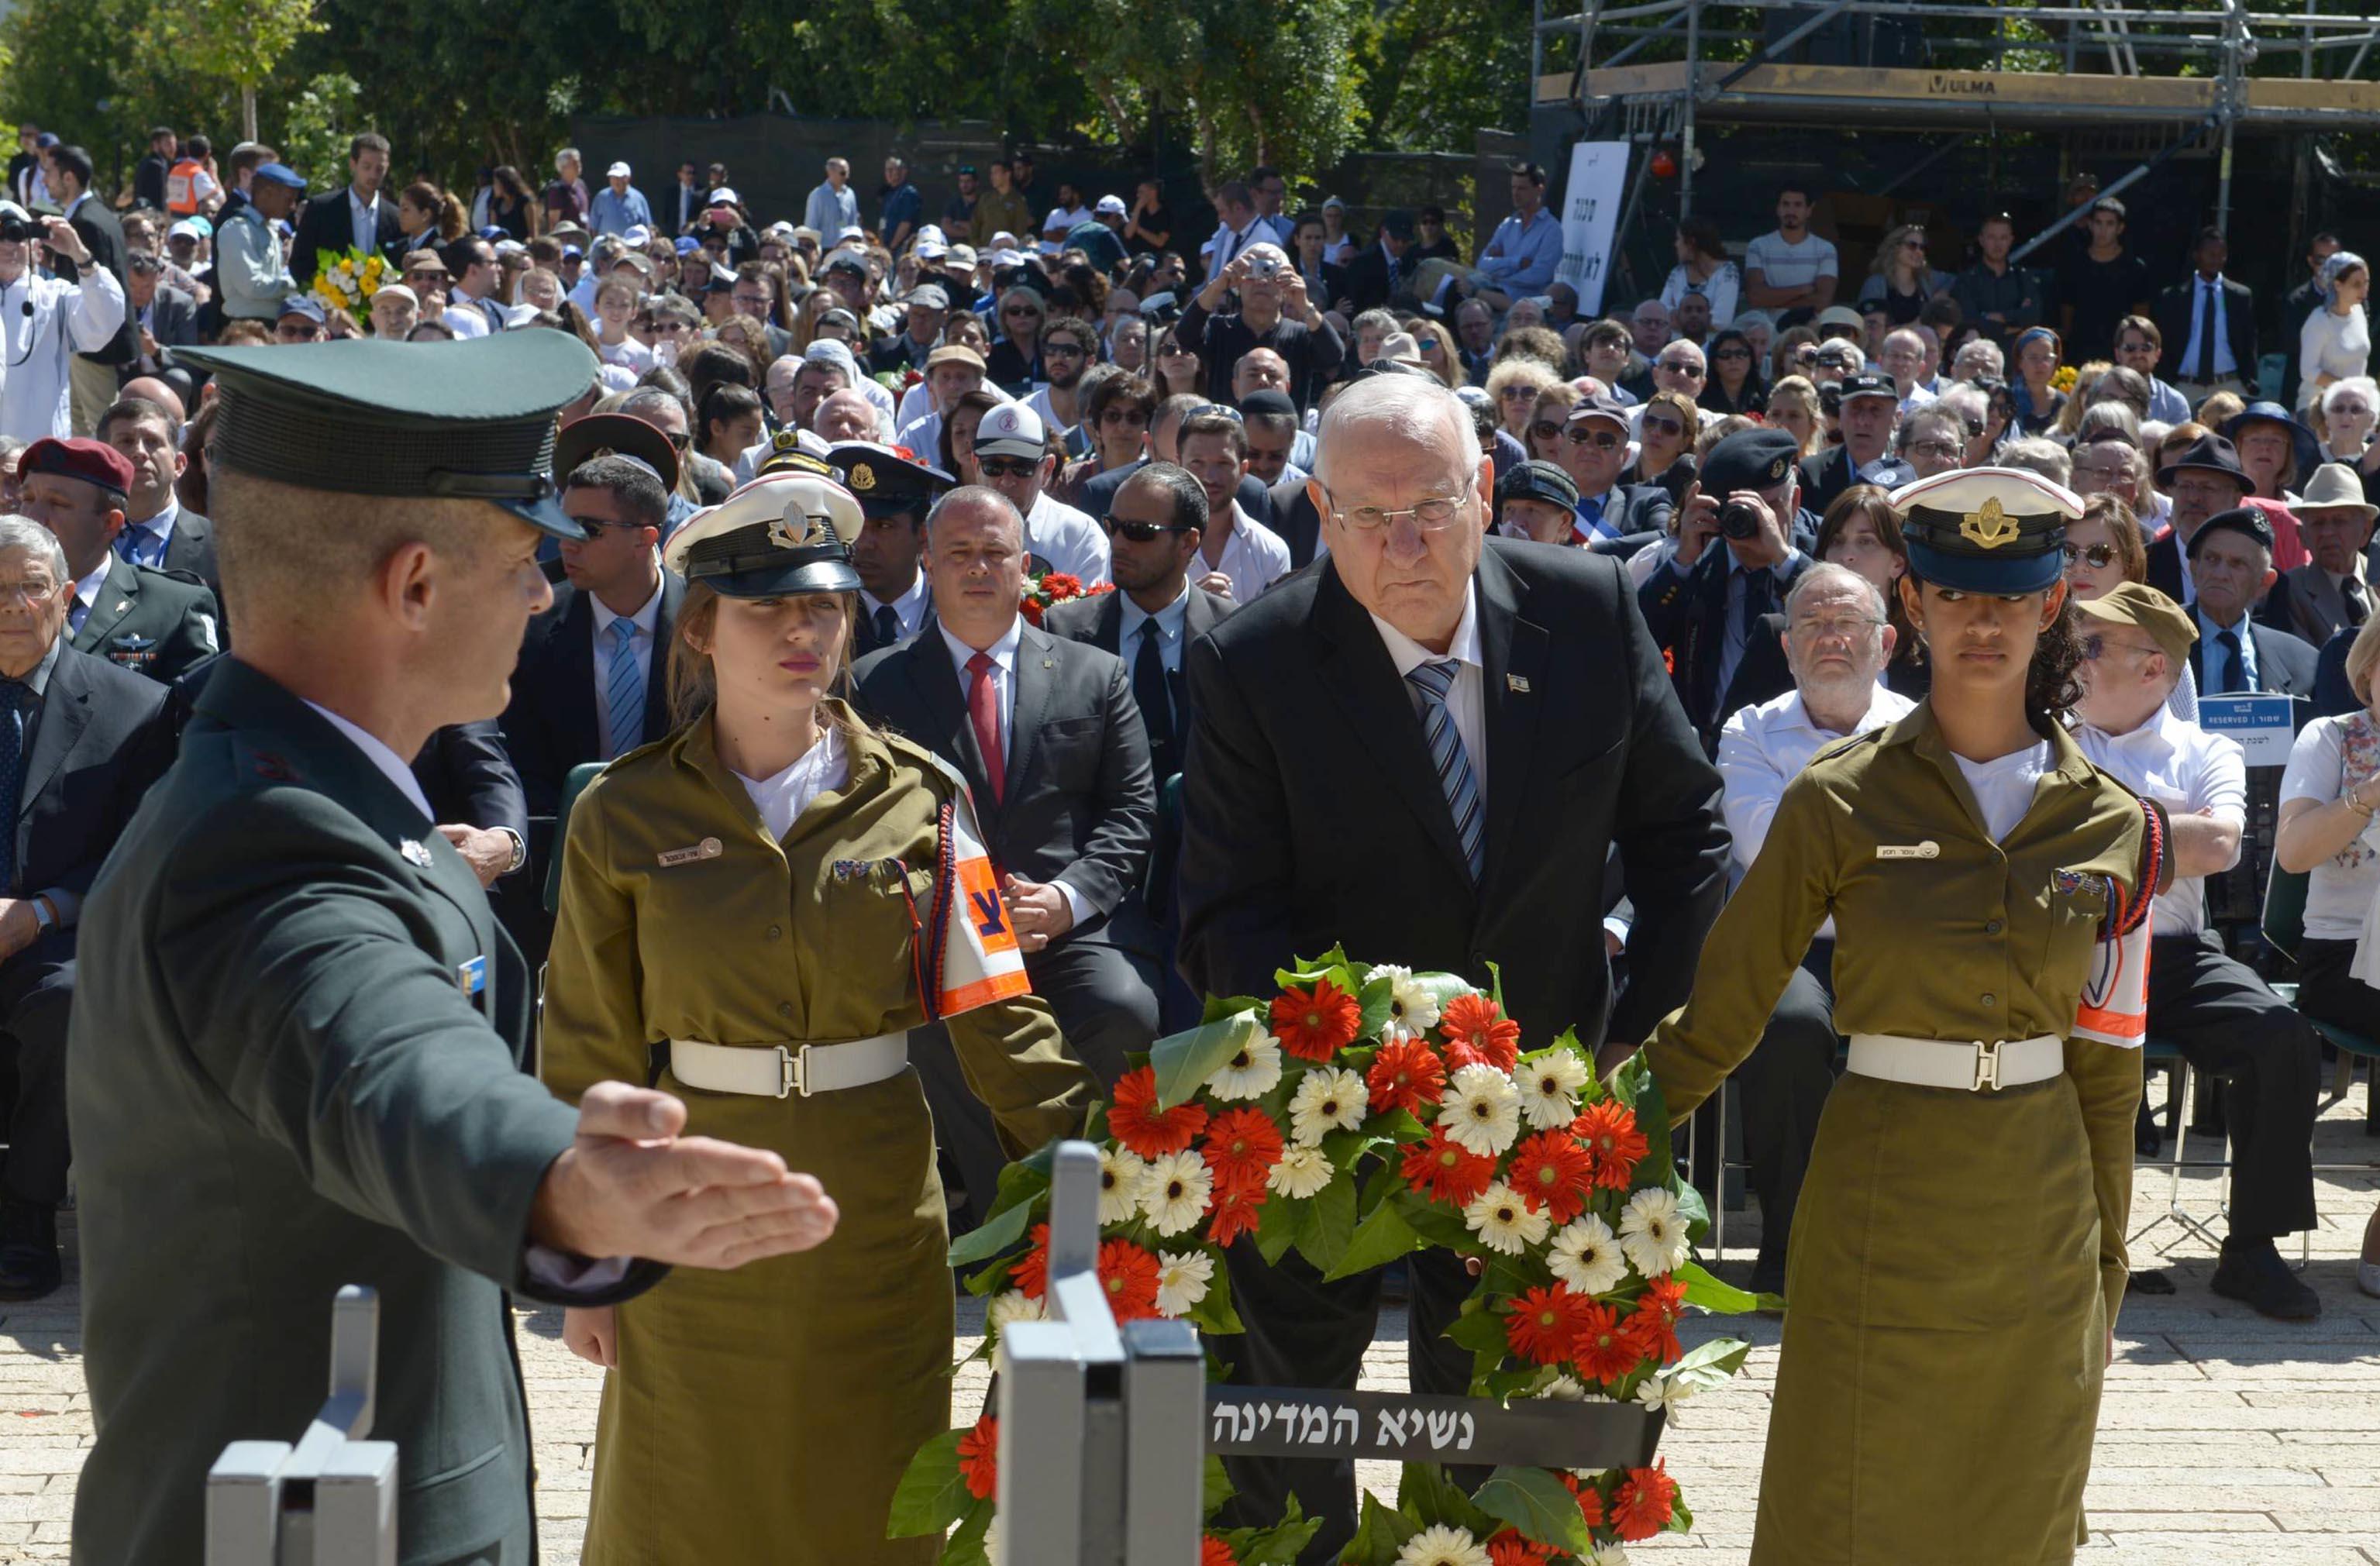 Israel gedachte der Opfer des Holocaust